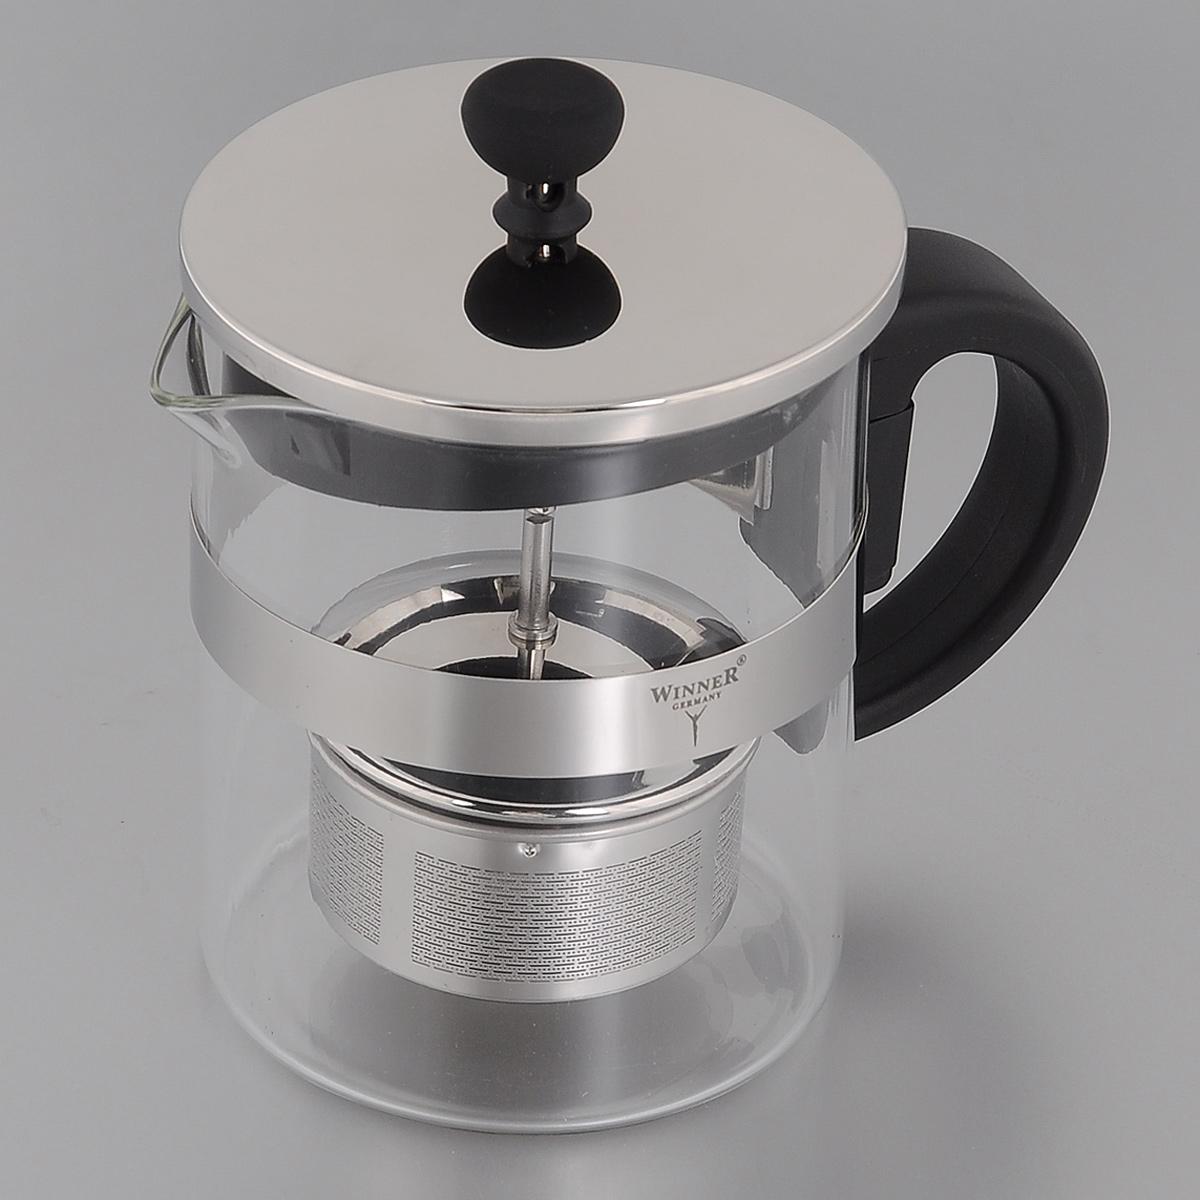 Френч-пресс Winner, 600 мл. WR-5221WR-5221Френч-пресс Winner, изготовленный из термостойкого стекла с пластиковой ручкой, предоставит вам все необходимые возможности для успешного заваривания чая. Чай в таком чайнике дольше остается горячим, а полезные и ароматические вещества полностью сохраняются в напитке. Изделие оснащено фильтром, крышкой и удобным поршнем из нержавеющей стали, который поможет дозировать степень заварки напитка. Простой и удобный френч-пресс Winner поможет вам приготовить крепкий, ароматный чай.Нельзя мыть в посудомоечной машине. Не использовать в микроволновой печи.Диаметр френч-пресса (по верхнему краю): 9,5 см.Высота френч-пресса (без учета крышки): 12 см.Высота фильтра: 3,5 см.